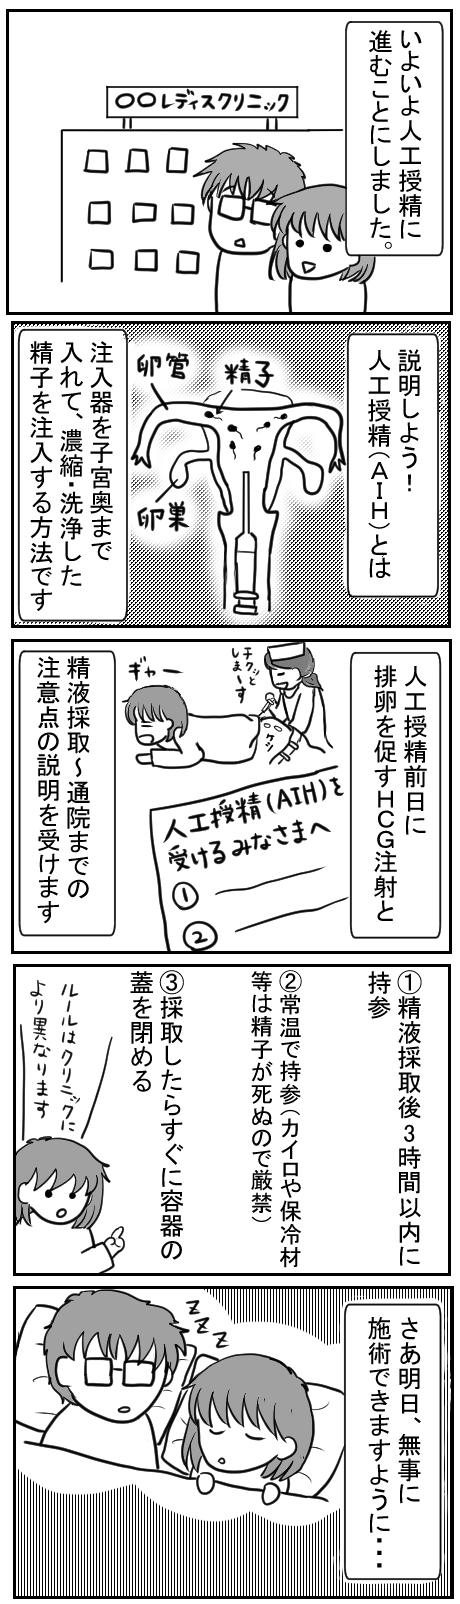 34話初人工授精へ!-1-